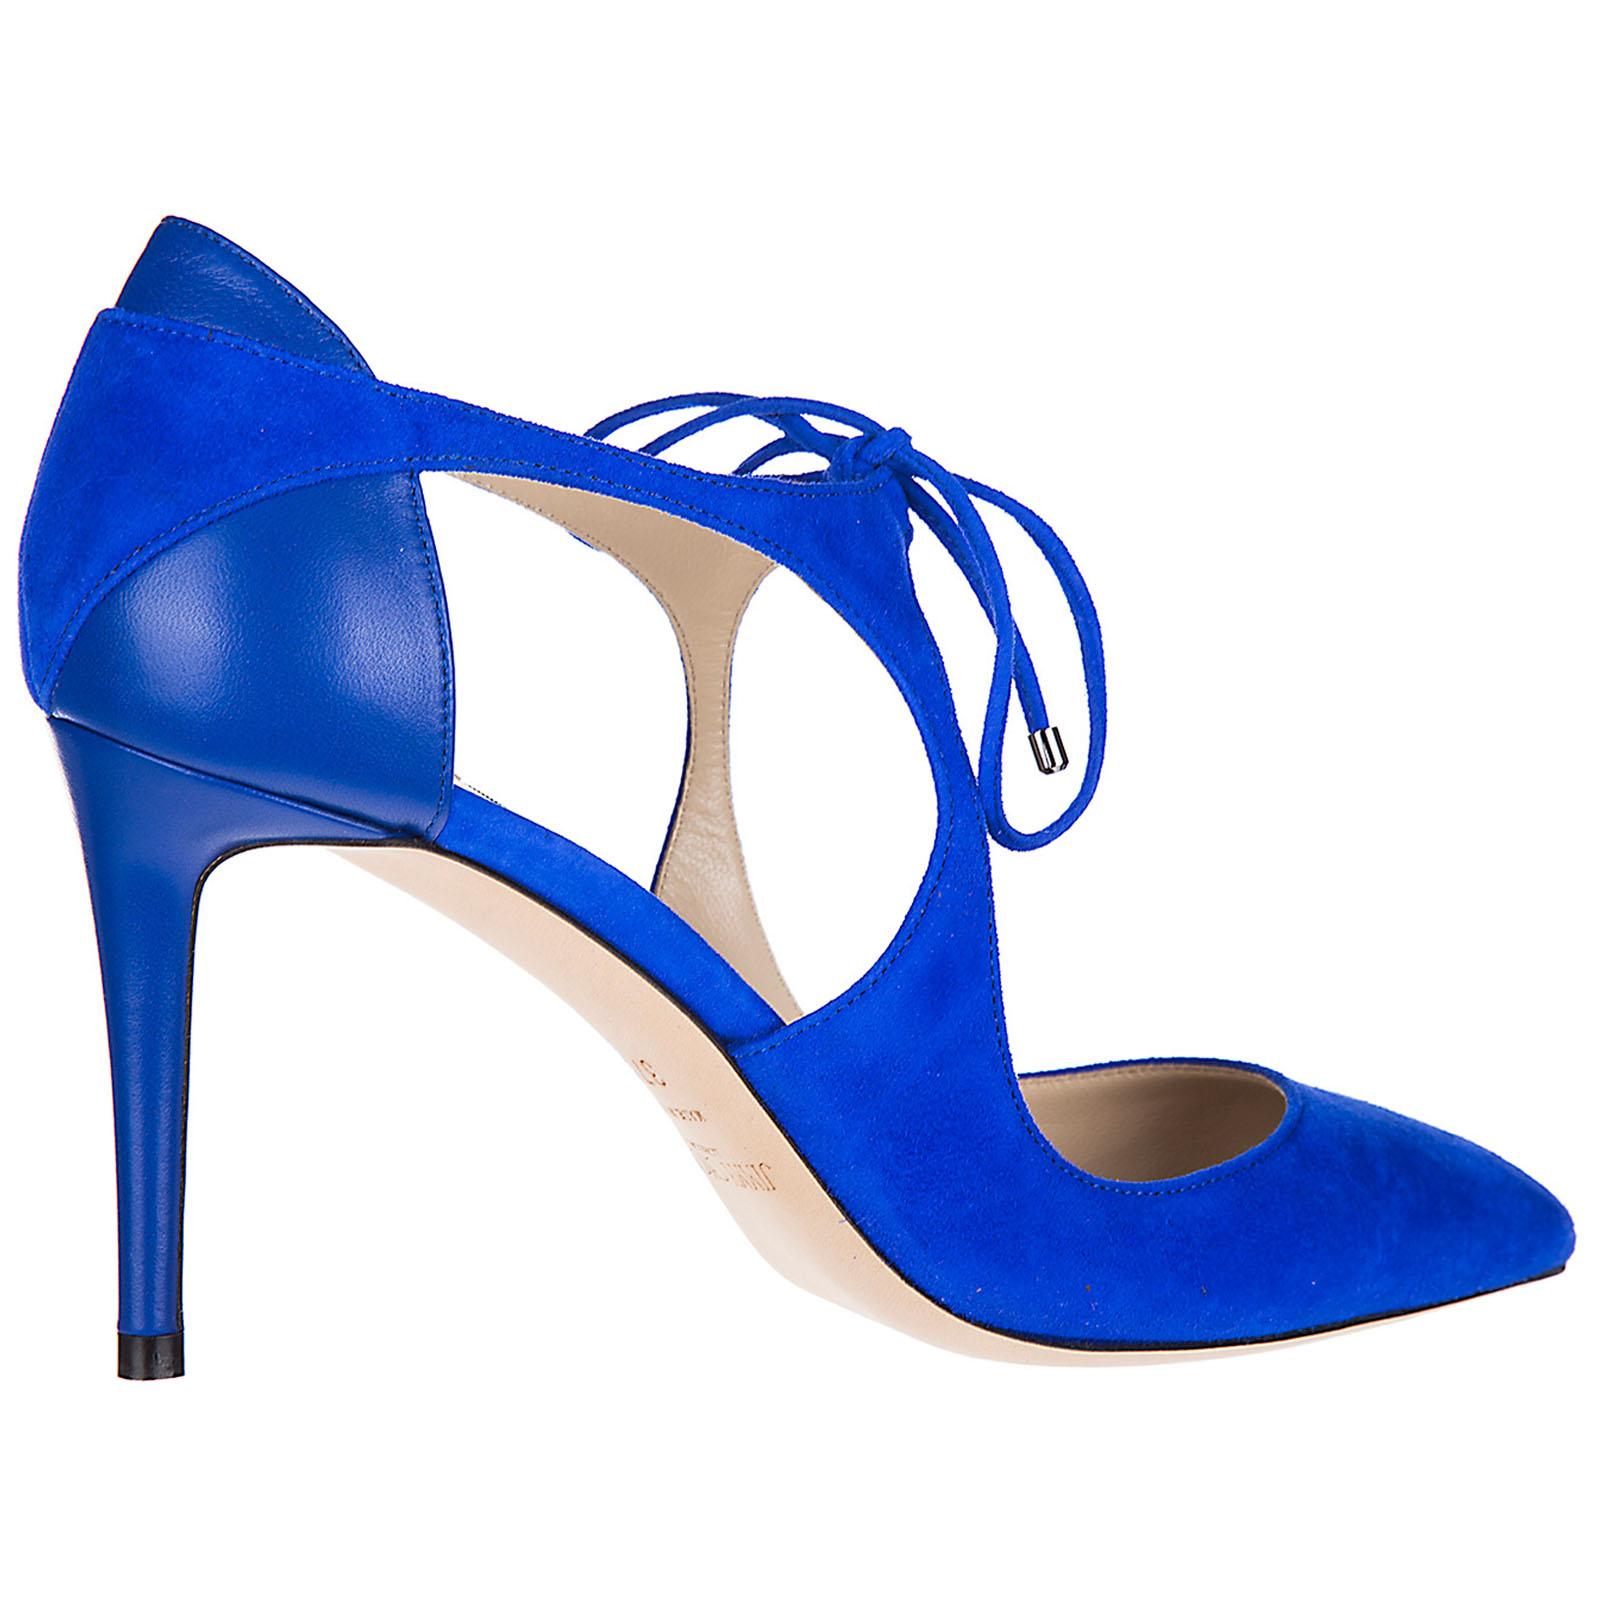 Women's suede pumps court shoes high heel vanessa